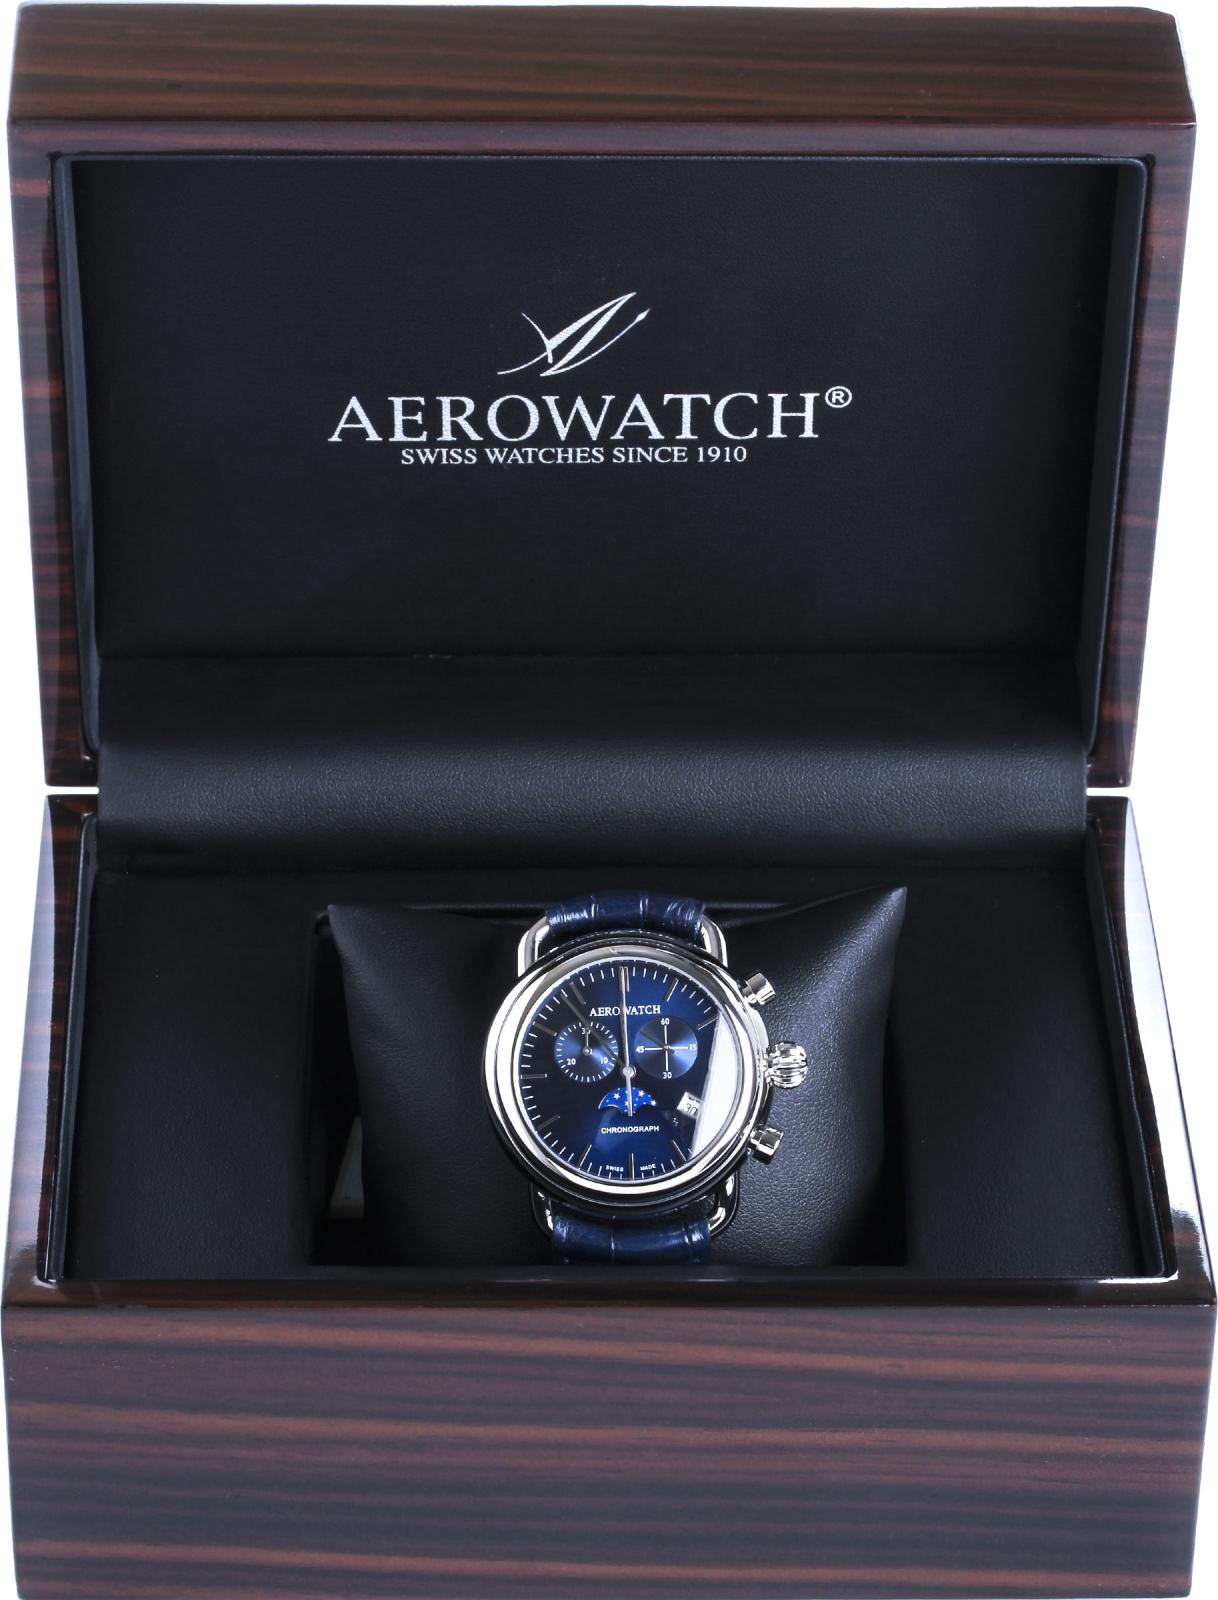 Aerowatch 1942 84934 AA05Наручные часы<br>Швейцарские часы Aerowatch 1942 84934 AA05<br><br>Пол: Мужские<br>Страна-производитель: Швейцария<br>Механизм: Кварцевый<br>Материал корпуса: Сталь<br>Материал ремня/браслета: Кожа<br>Водозащита, диапазон: None<br>Стекло: Сапфировое<br>Толщина корпуса: None<br>Стиль: None